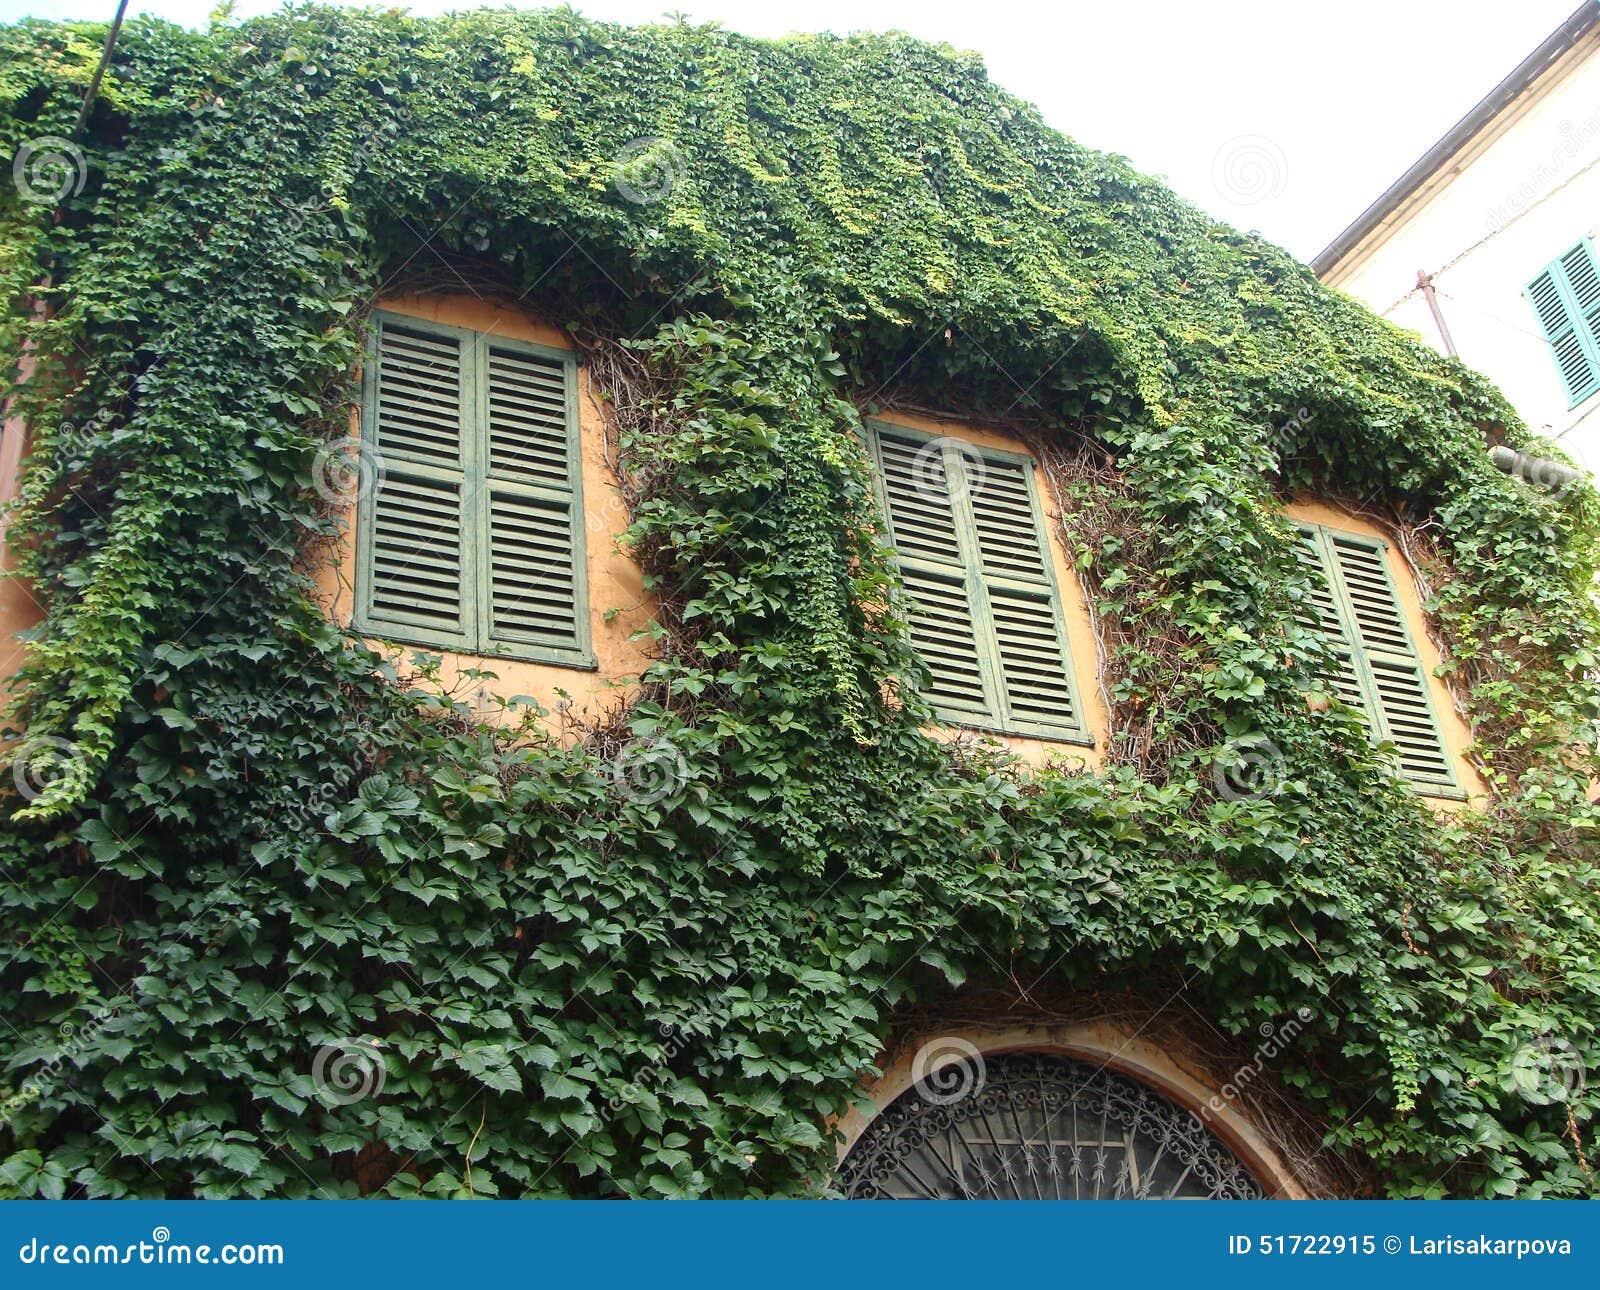 Vecchia Casa Intrecciata Con Le Piante Rampicanti Fotografia Stock - Immagine: 51722915